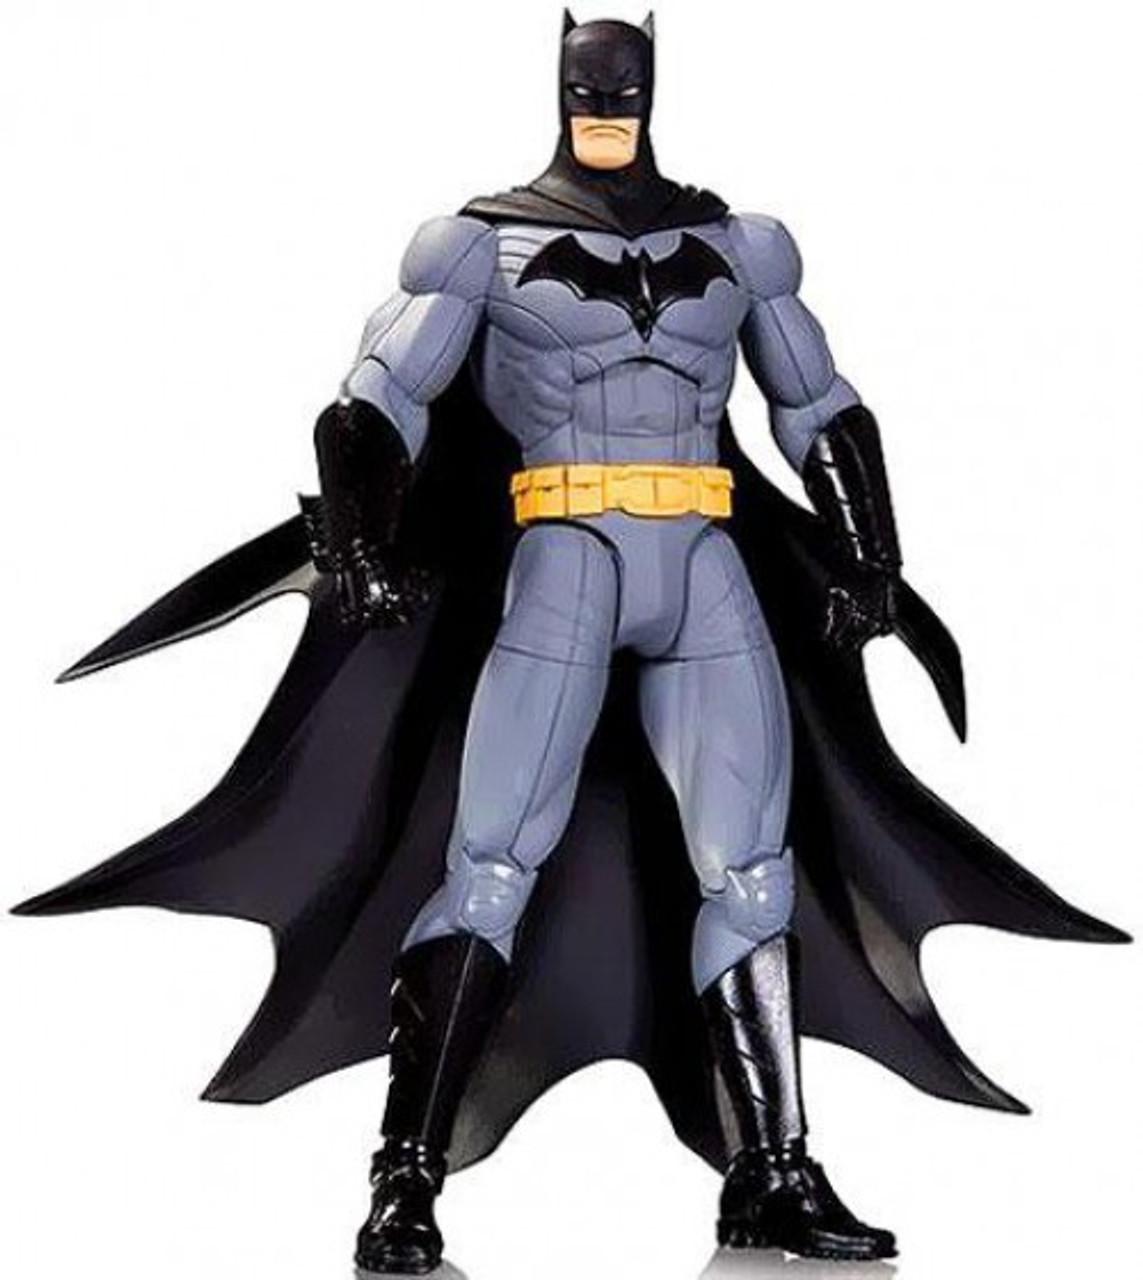 DC Designer Greg Capullo Series 1 Batman Action Figure #1 [Color Version]